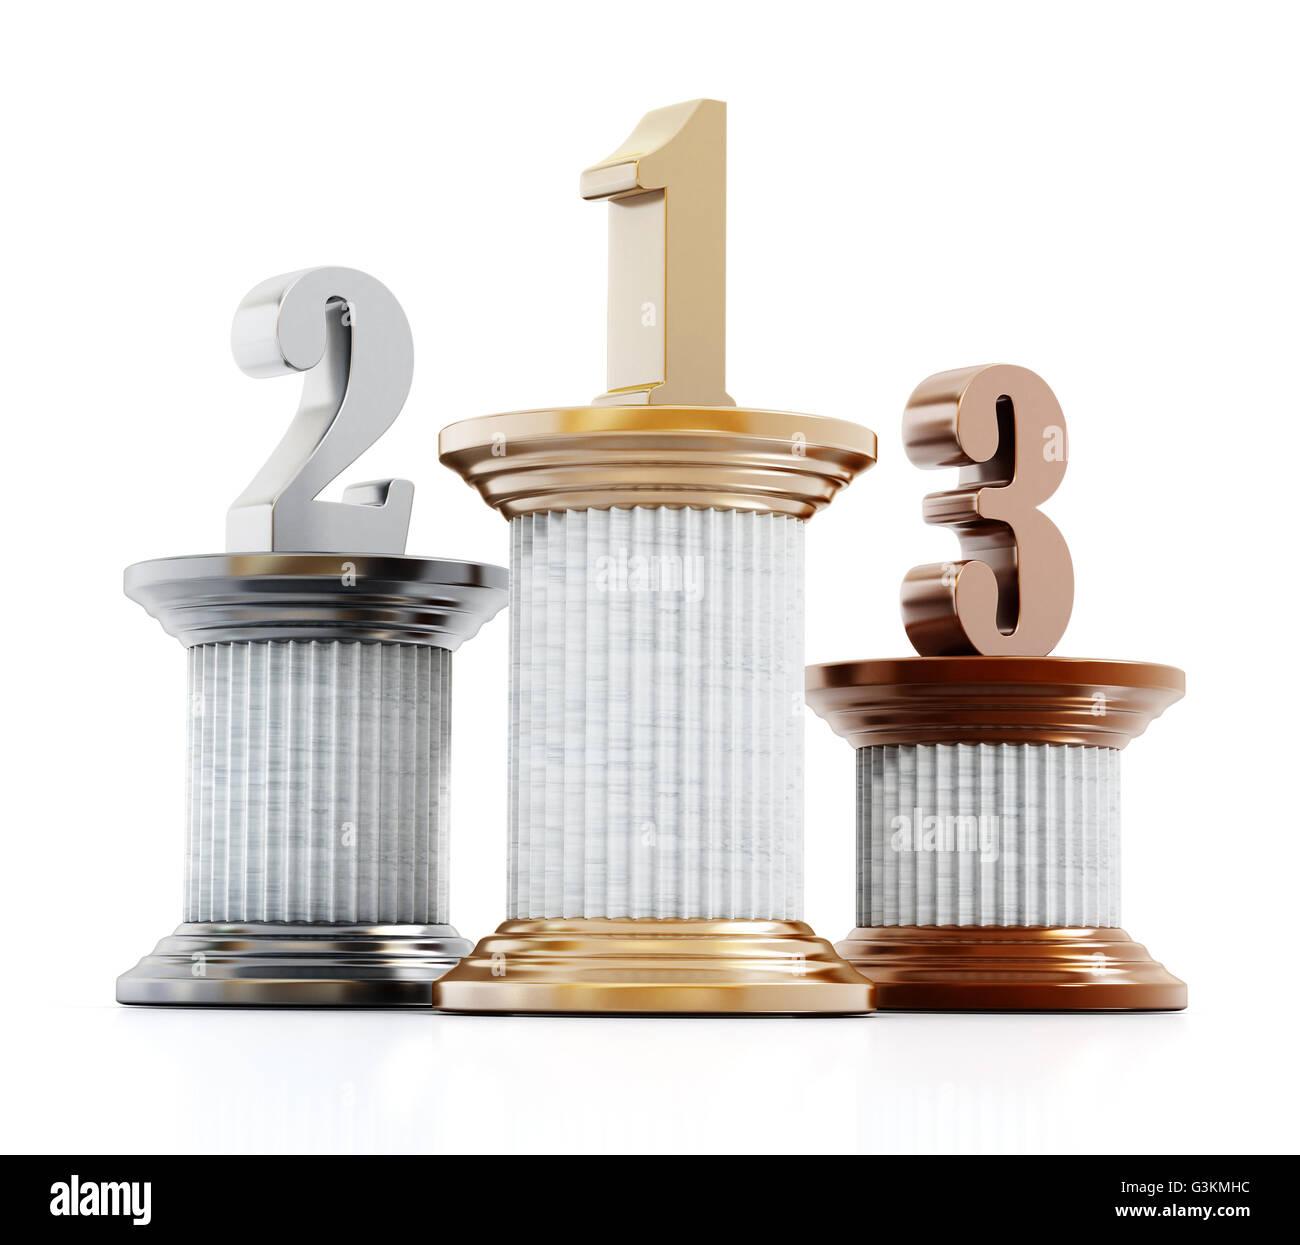 Piliers avec un, deux et trois chiffres. 3D illustration. Photo Stock